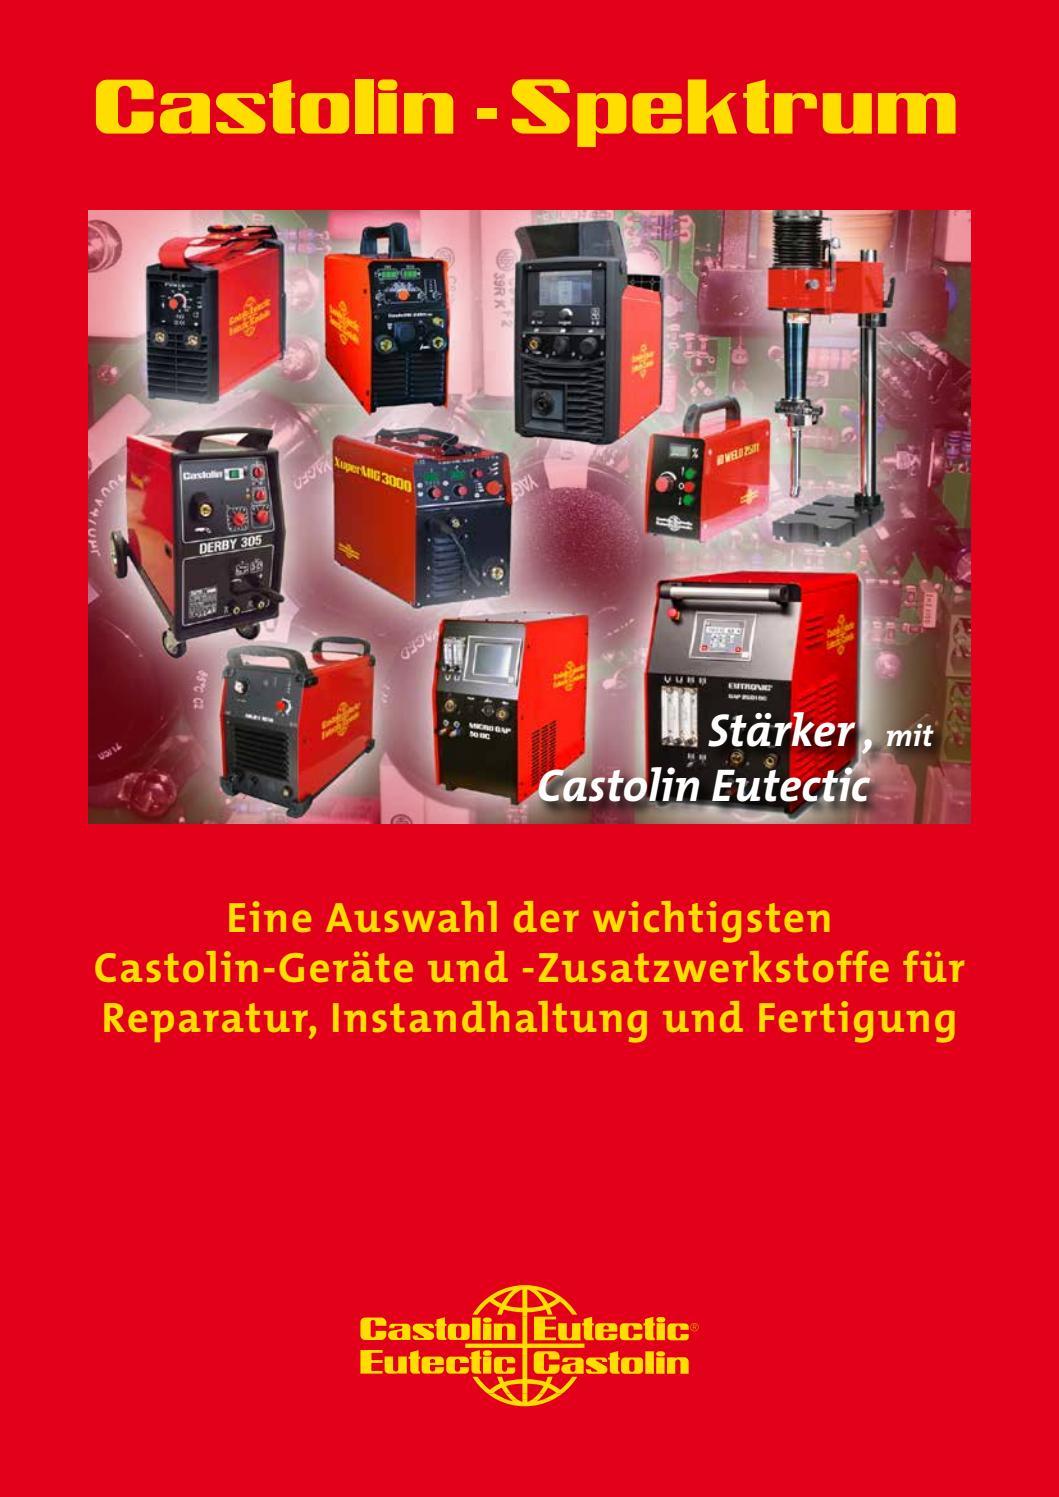 Schweissausrustung schweissmachinnen schweissen nov 2016 by ...